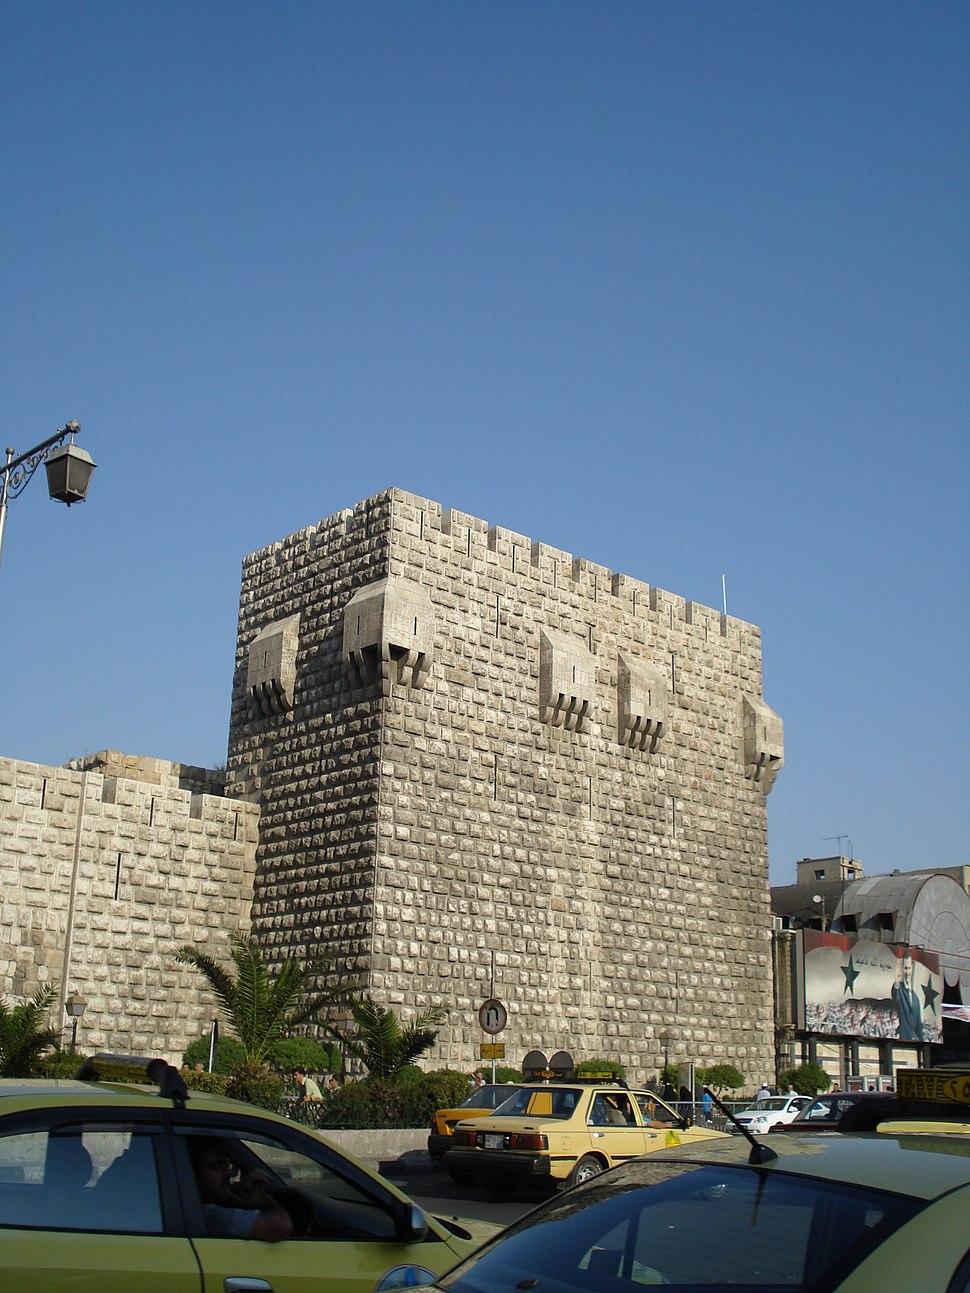 Damascus citadel